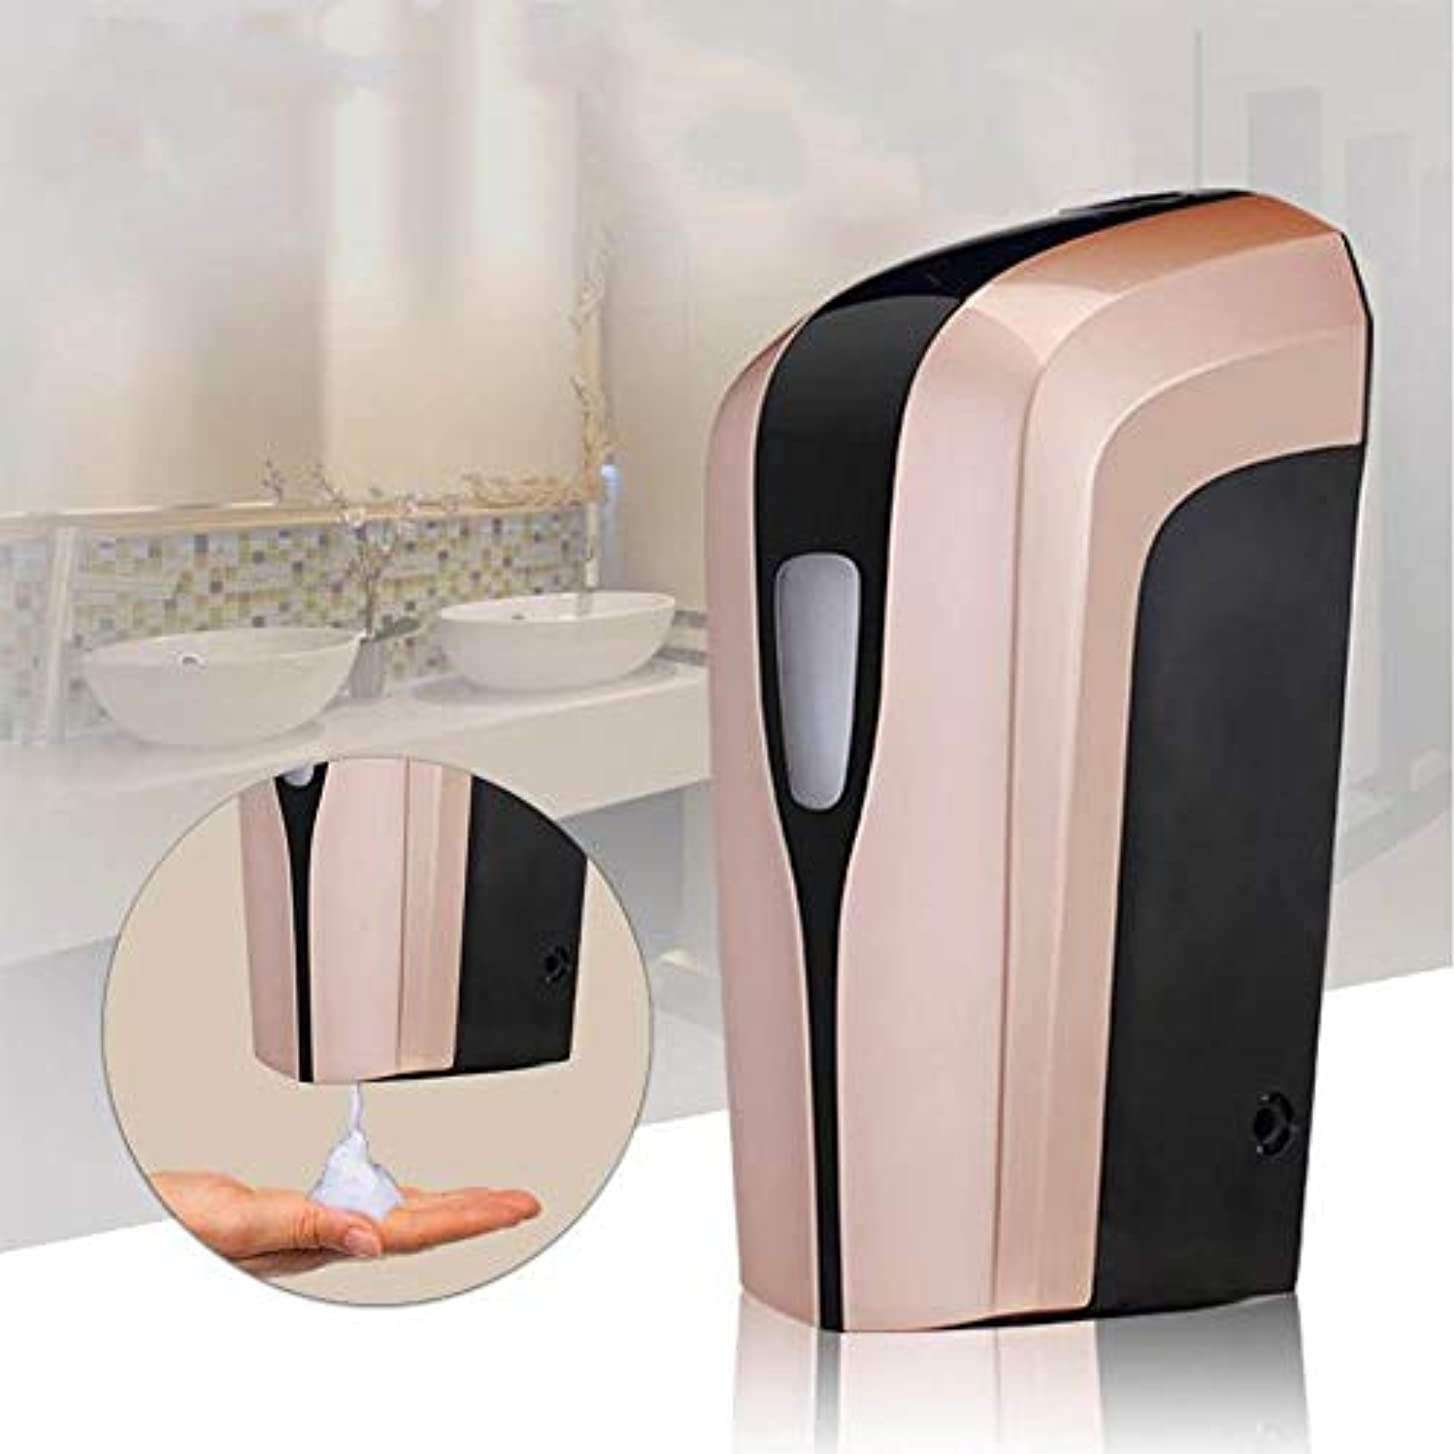 怠な手当できるソープディスペンサー 400ミリリットル容量の自動ソープディスペンサー、タッチレスバッテリーは電動ハンドフリーソープディスペンサーを運営しました ハンドソープ 食器用洗剤 キッチン 洗面所などに適用 (Color : Local...